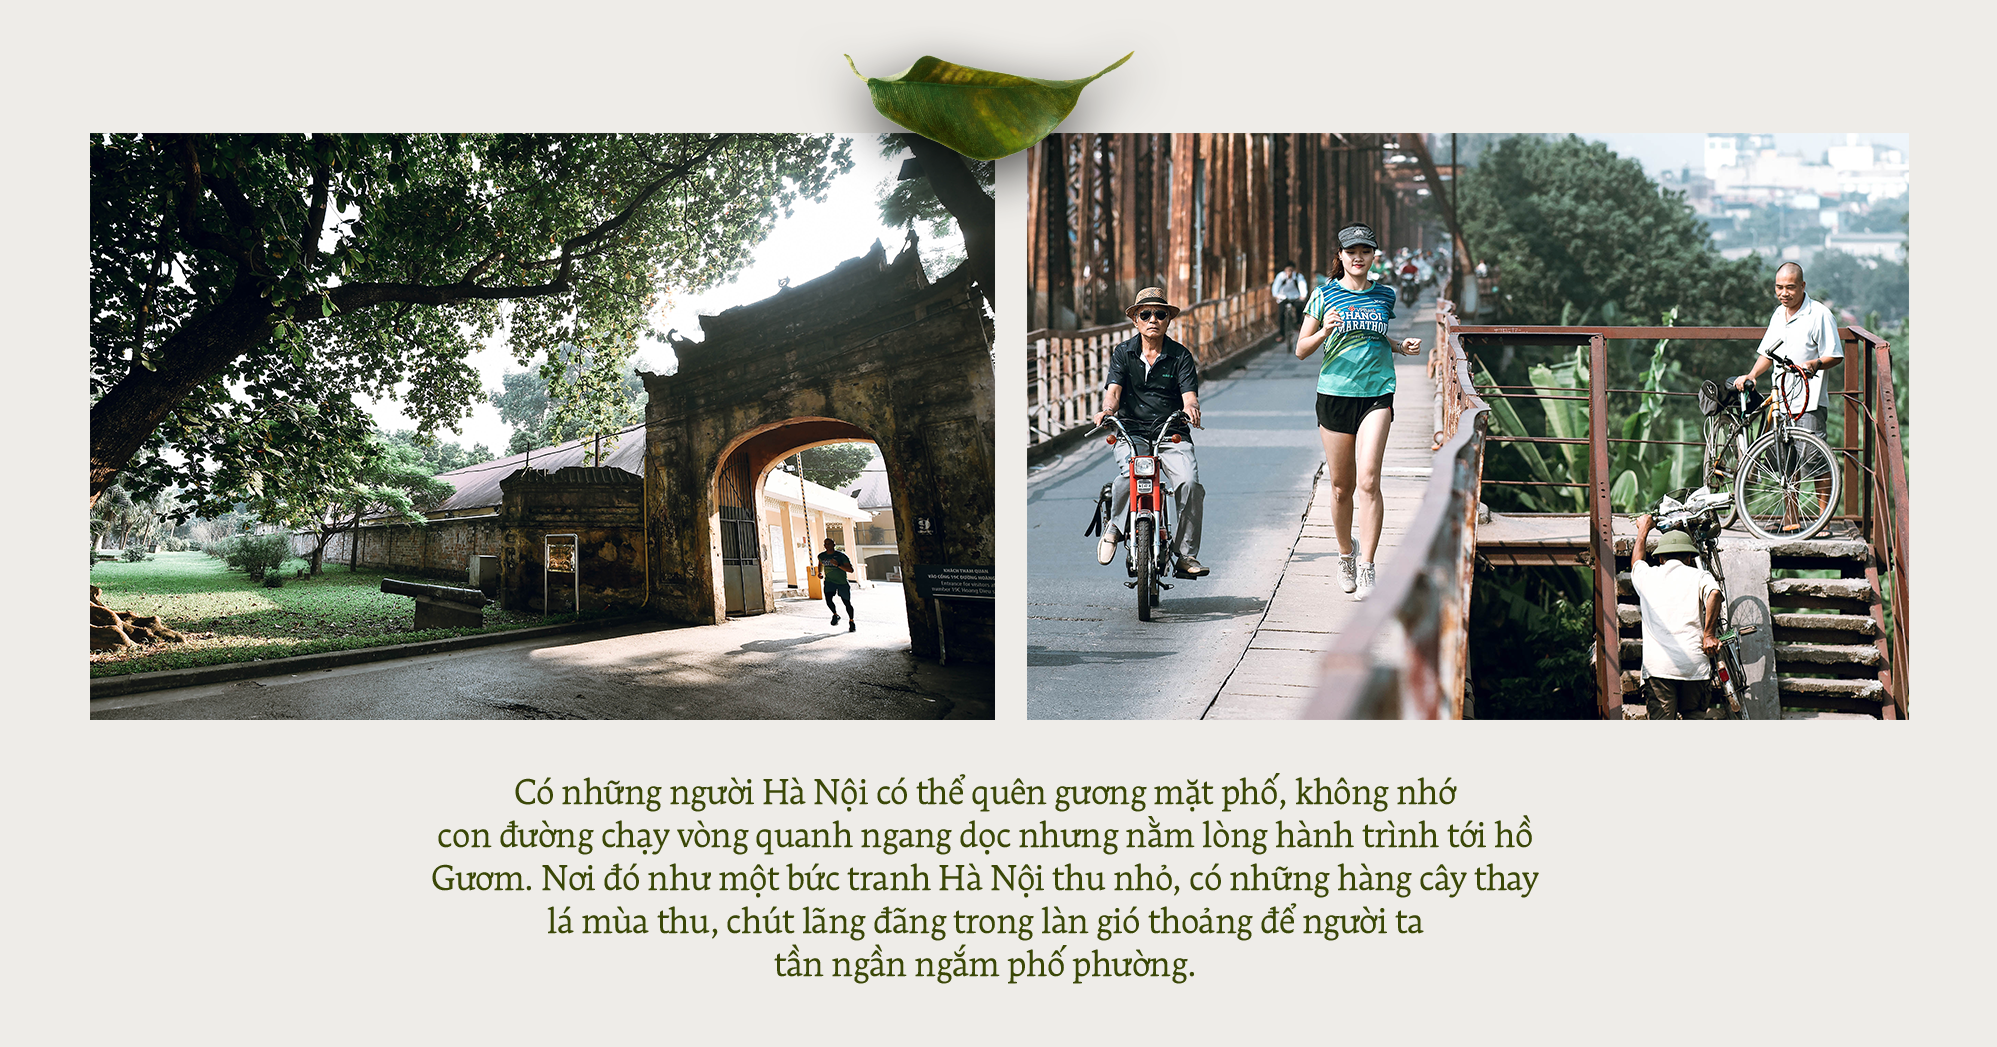 Có một Hà Nội đẹp nao lòng khi cơn gió heo may chạm ngõ mùa thu - Ảnh 3.